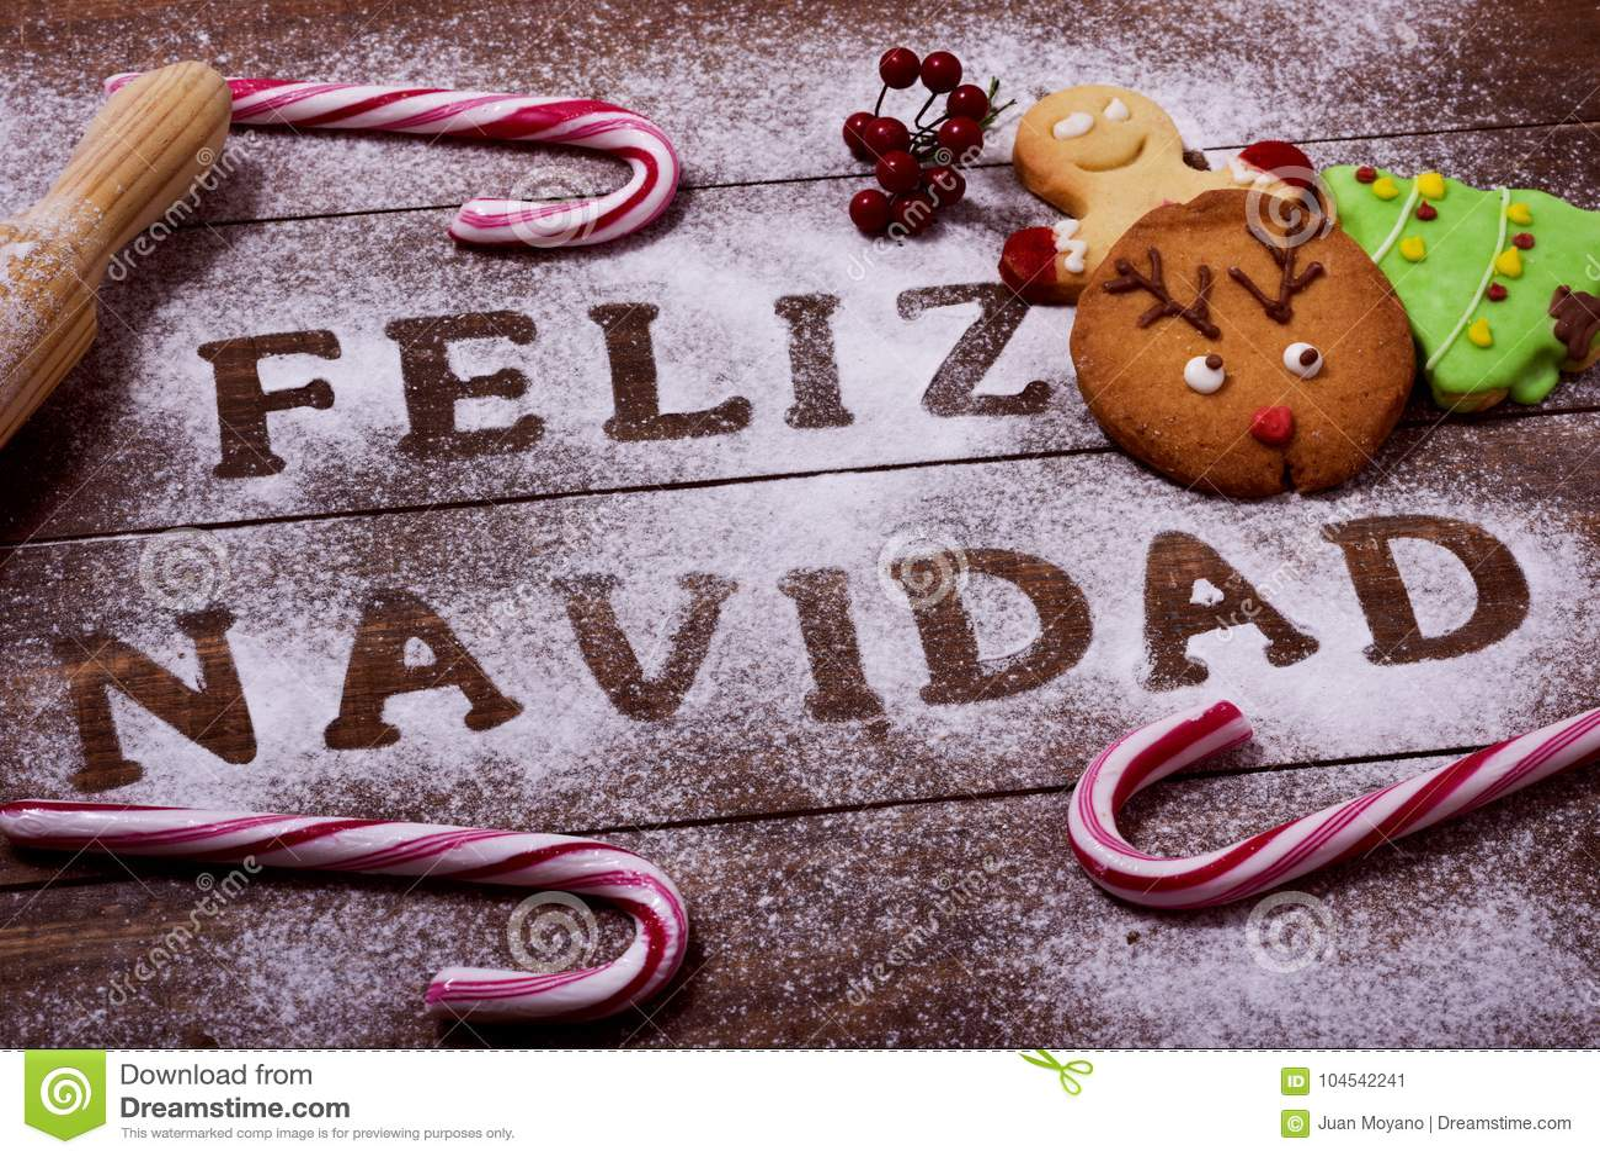 simsen sie feliz navidad frohe weihnachten auf spanisch. Black Bedroom Furniture Sets. Home Design Ideas